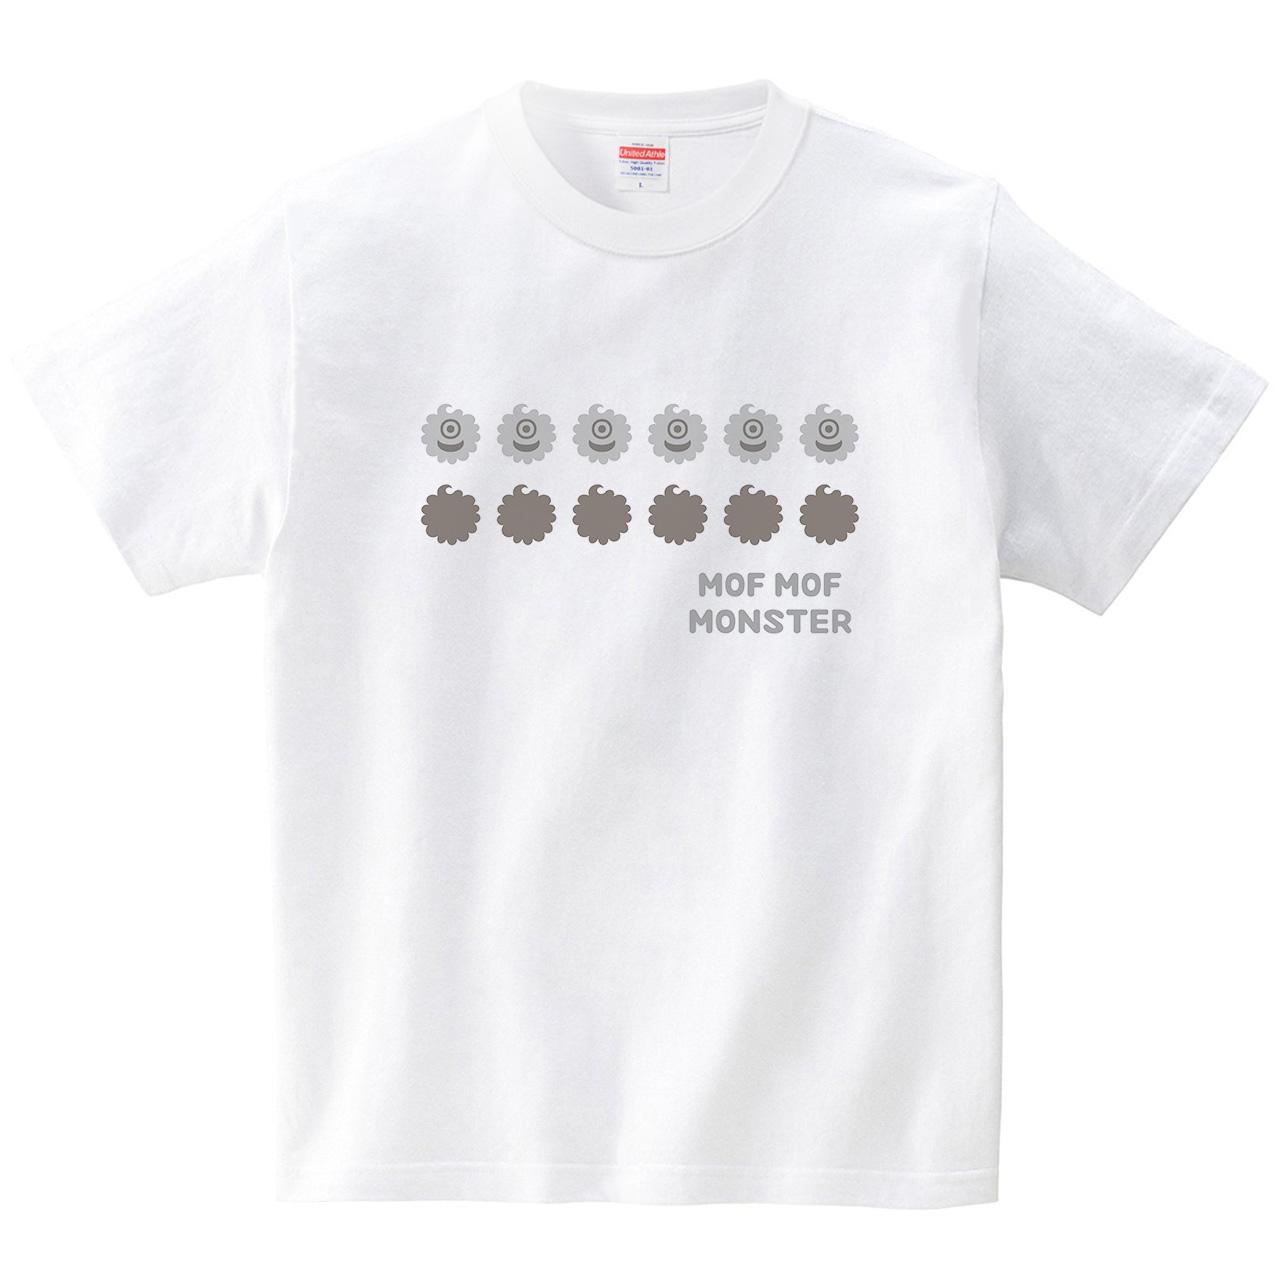 ハテナポップ モフモフモンスター2(Tシャツ・ホワイト)(tsukamotojunko)